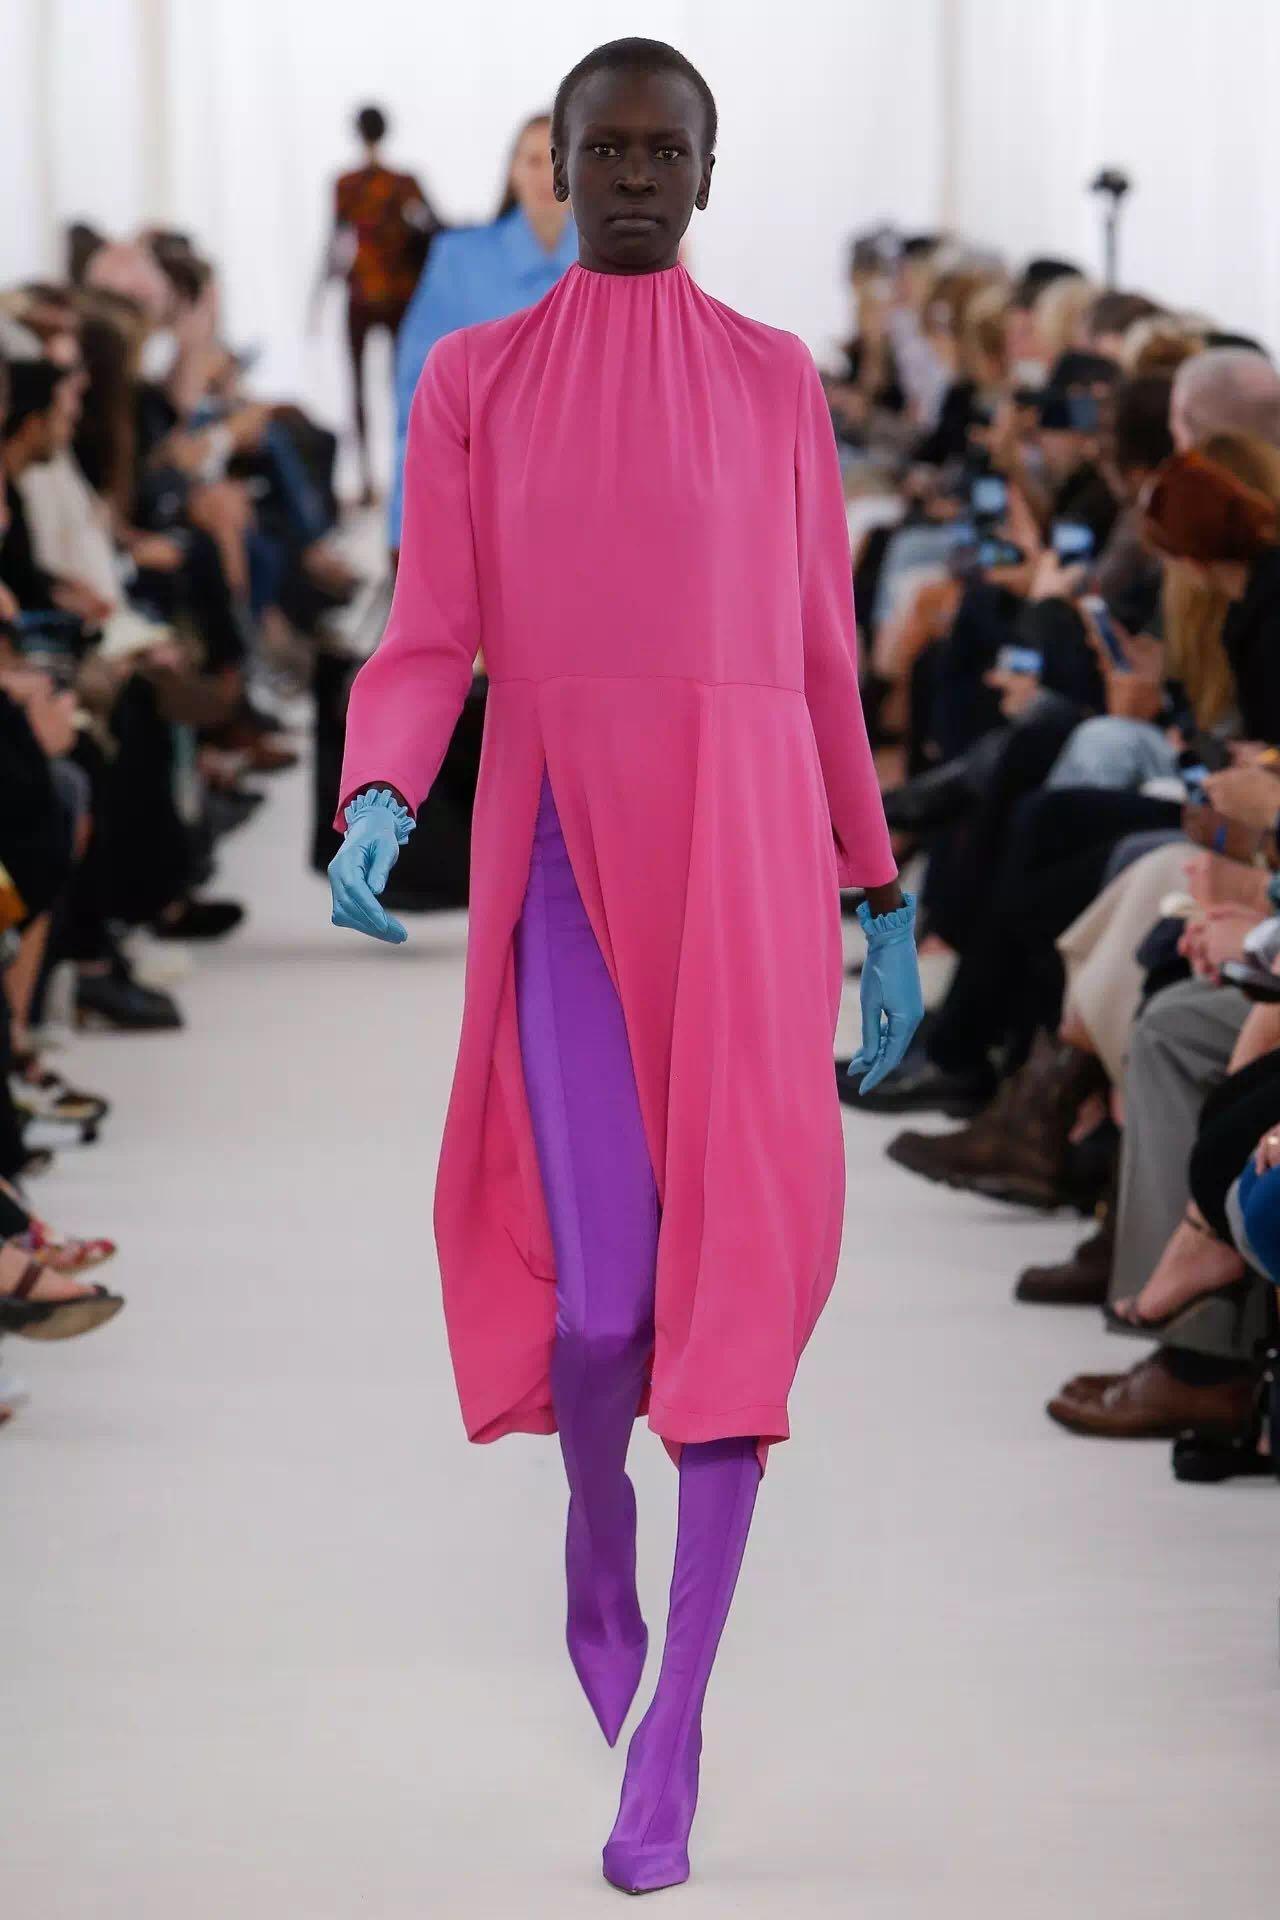 巴黎时装周上的新潮流是这些!为时尚先锋指点一二(图3)